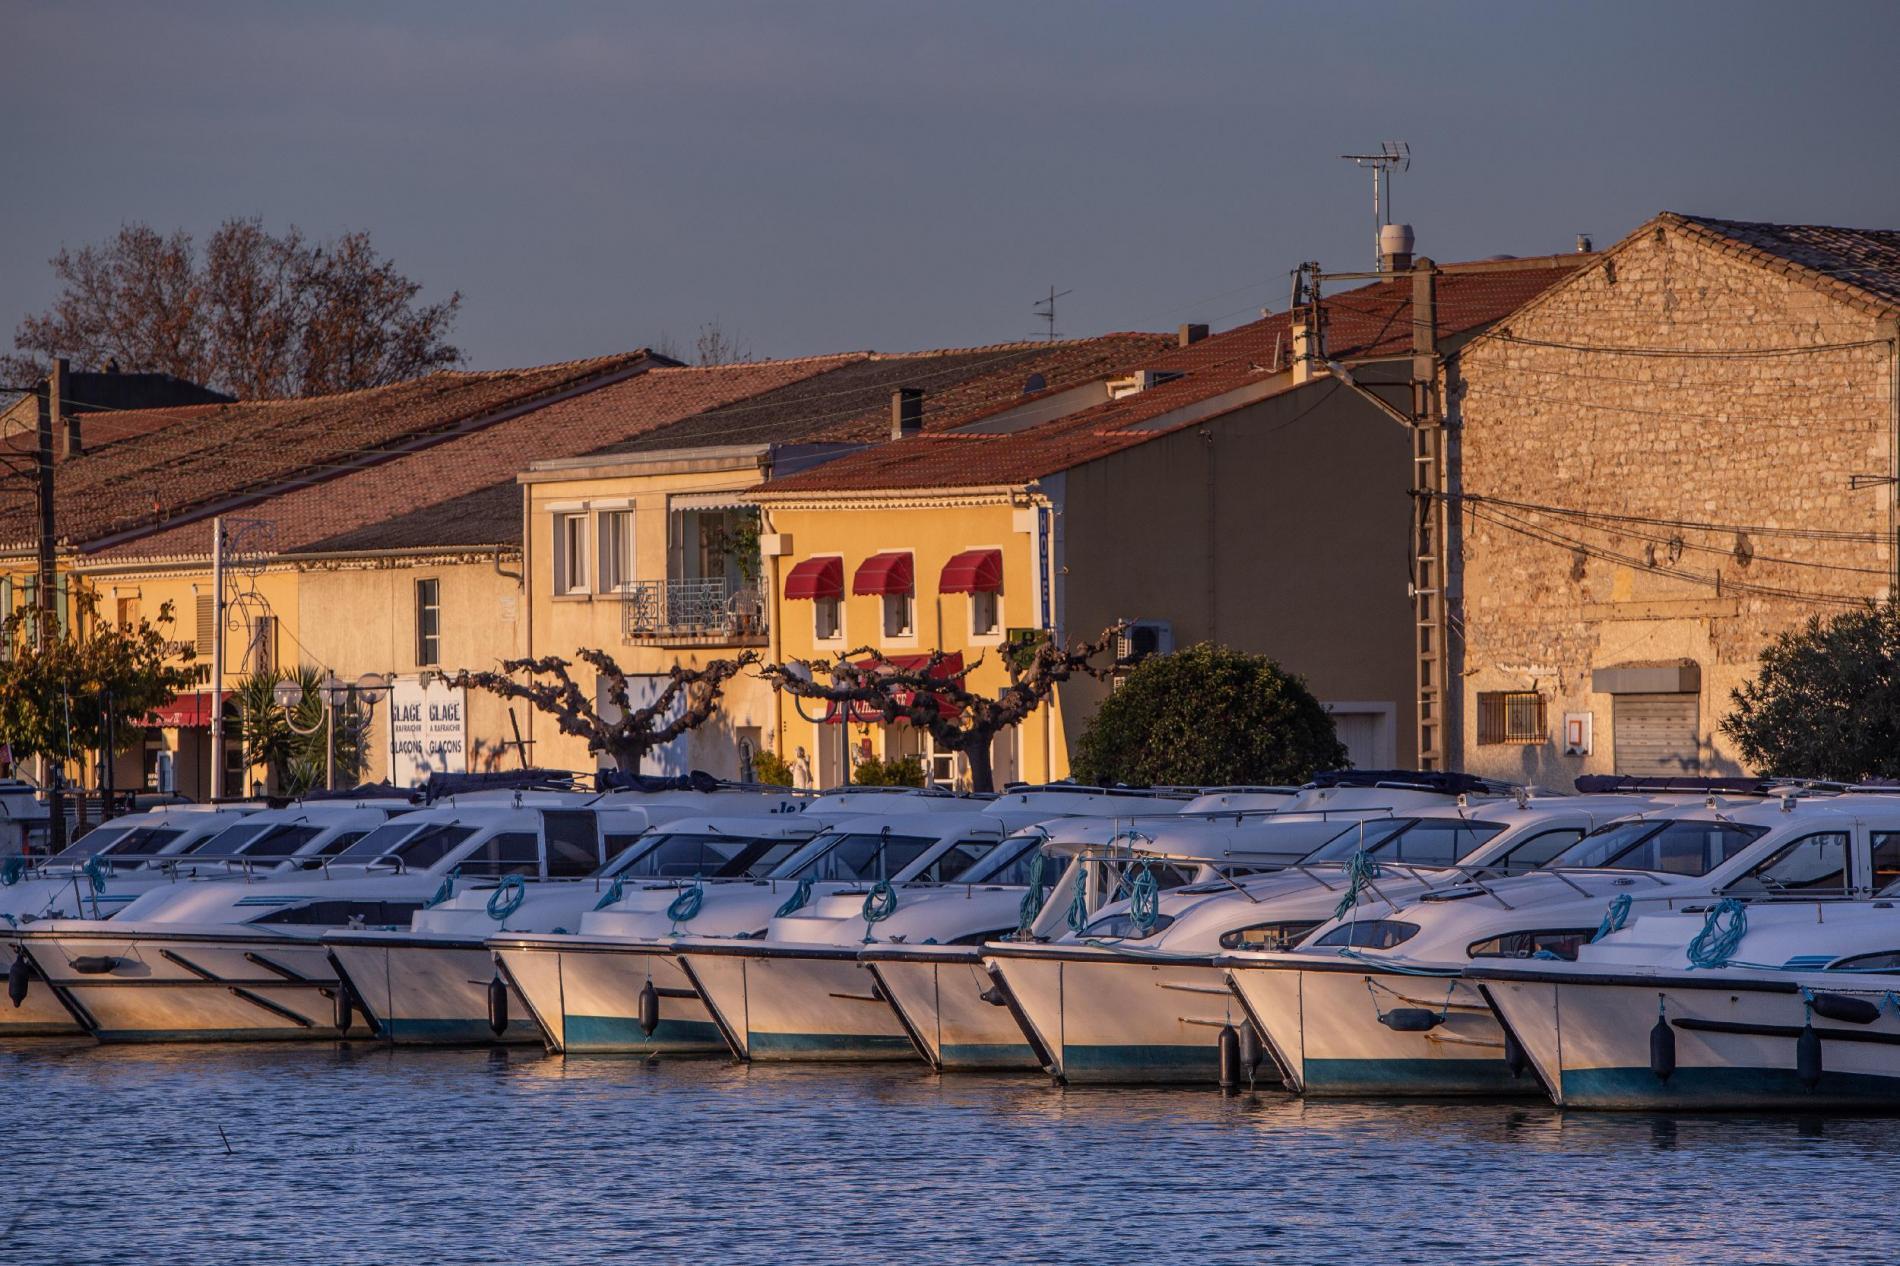 Le Port de Saint-Gilles et ses bateaux